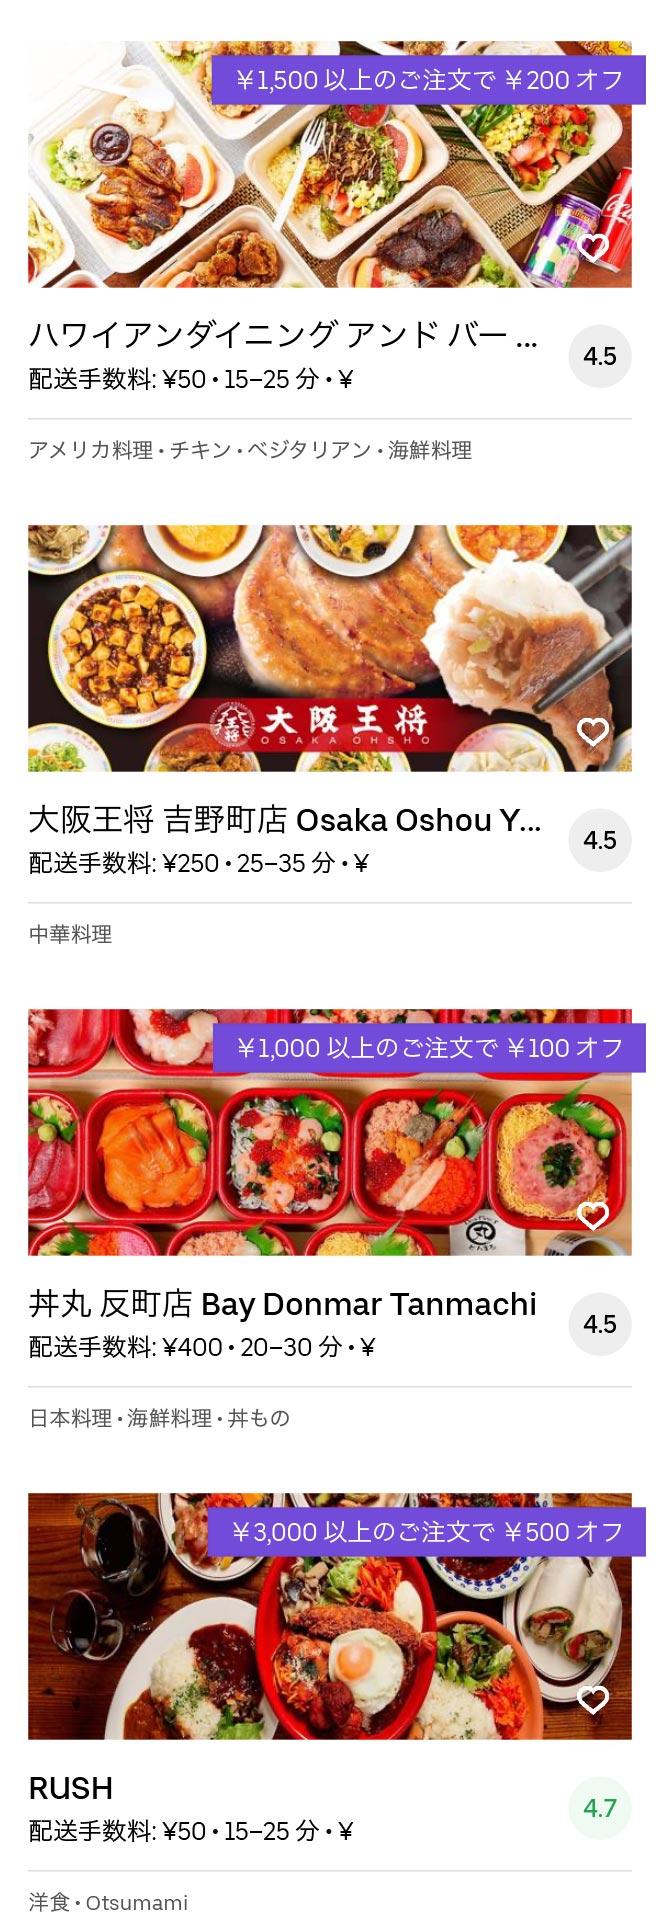 Yokohama hodogaya menu 2004 05